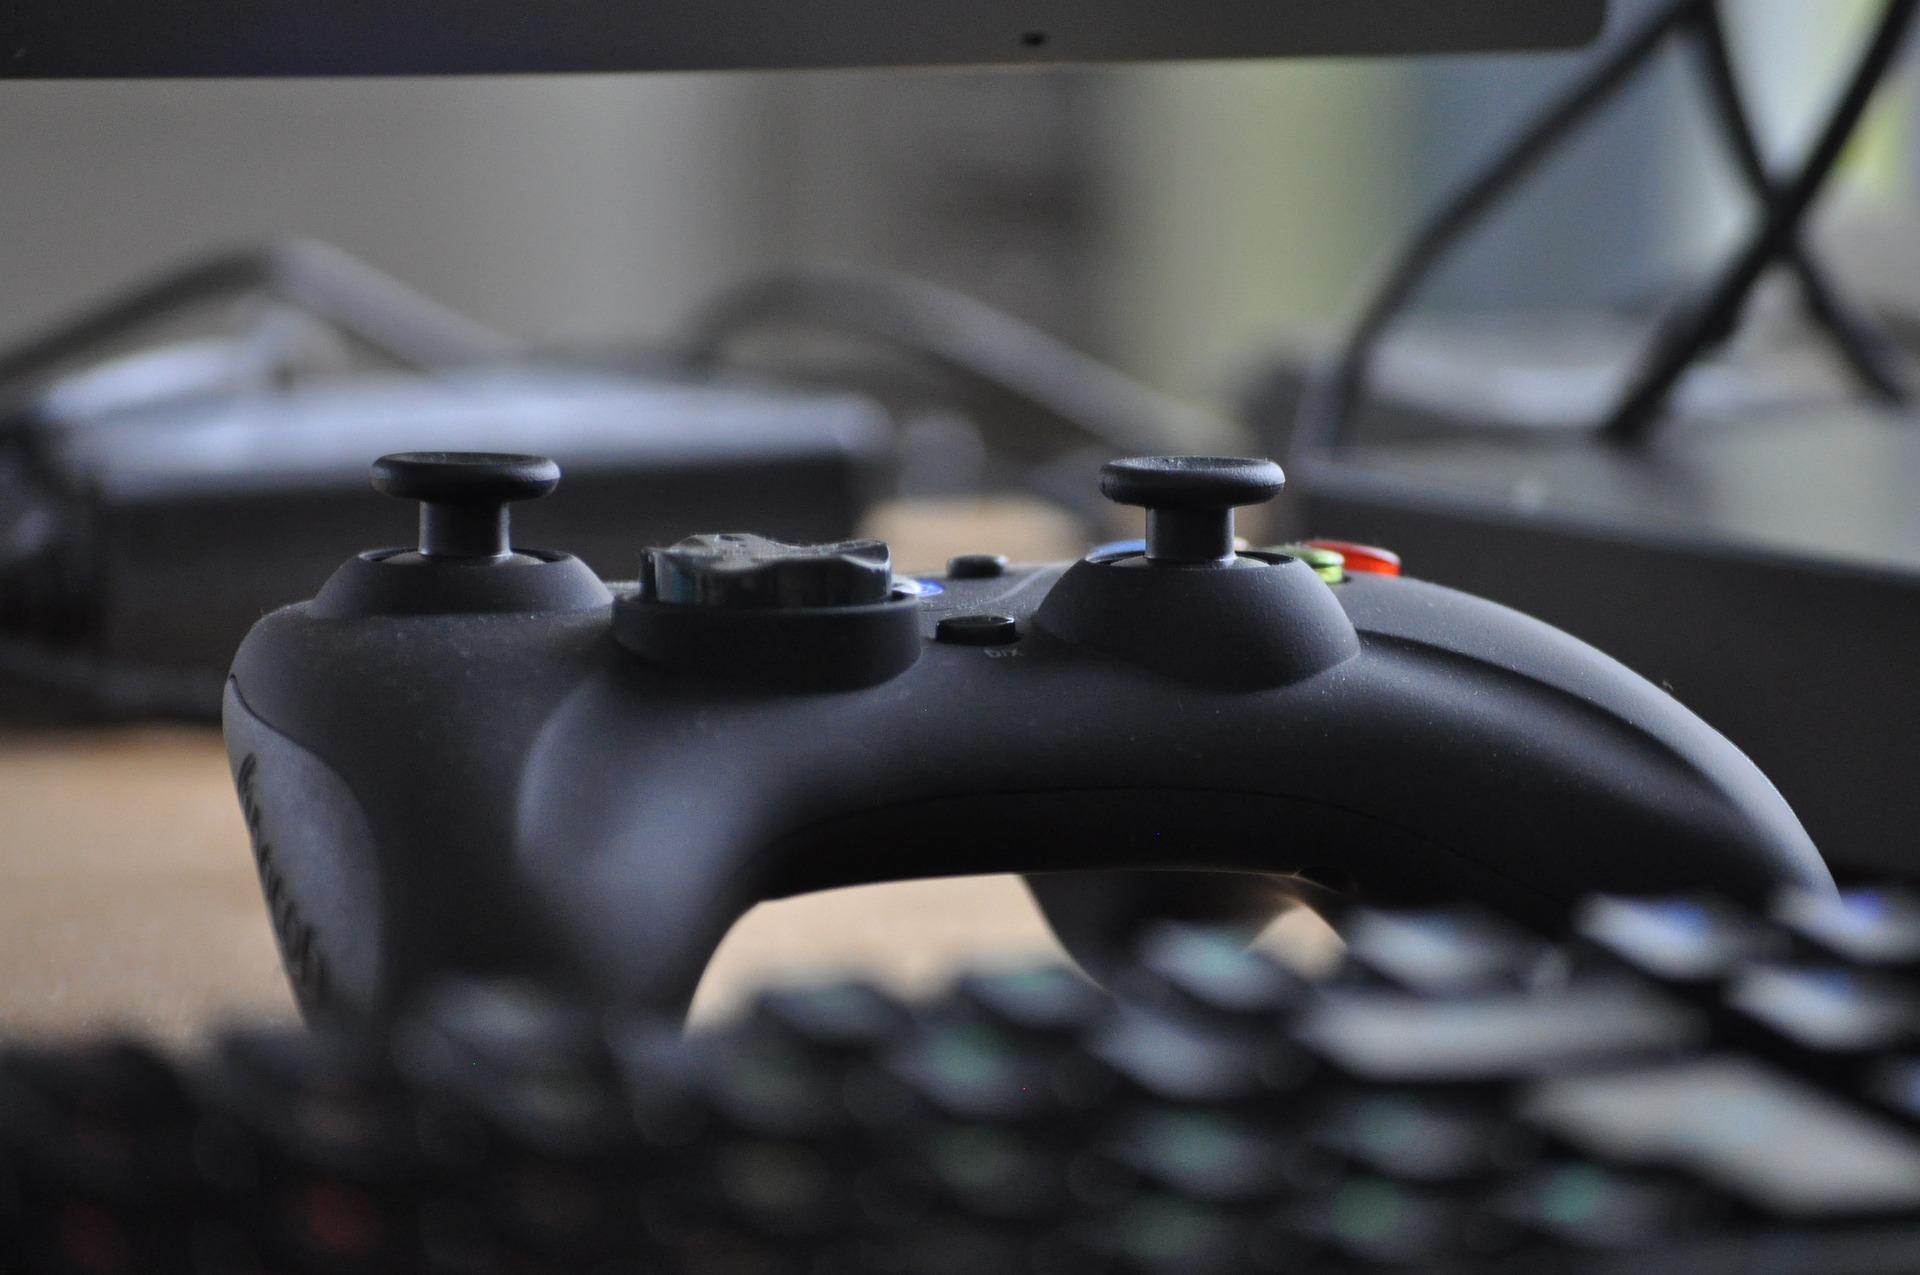 Не время праздновать - презентация PlayStation 5 отменена из-за протестов